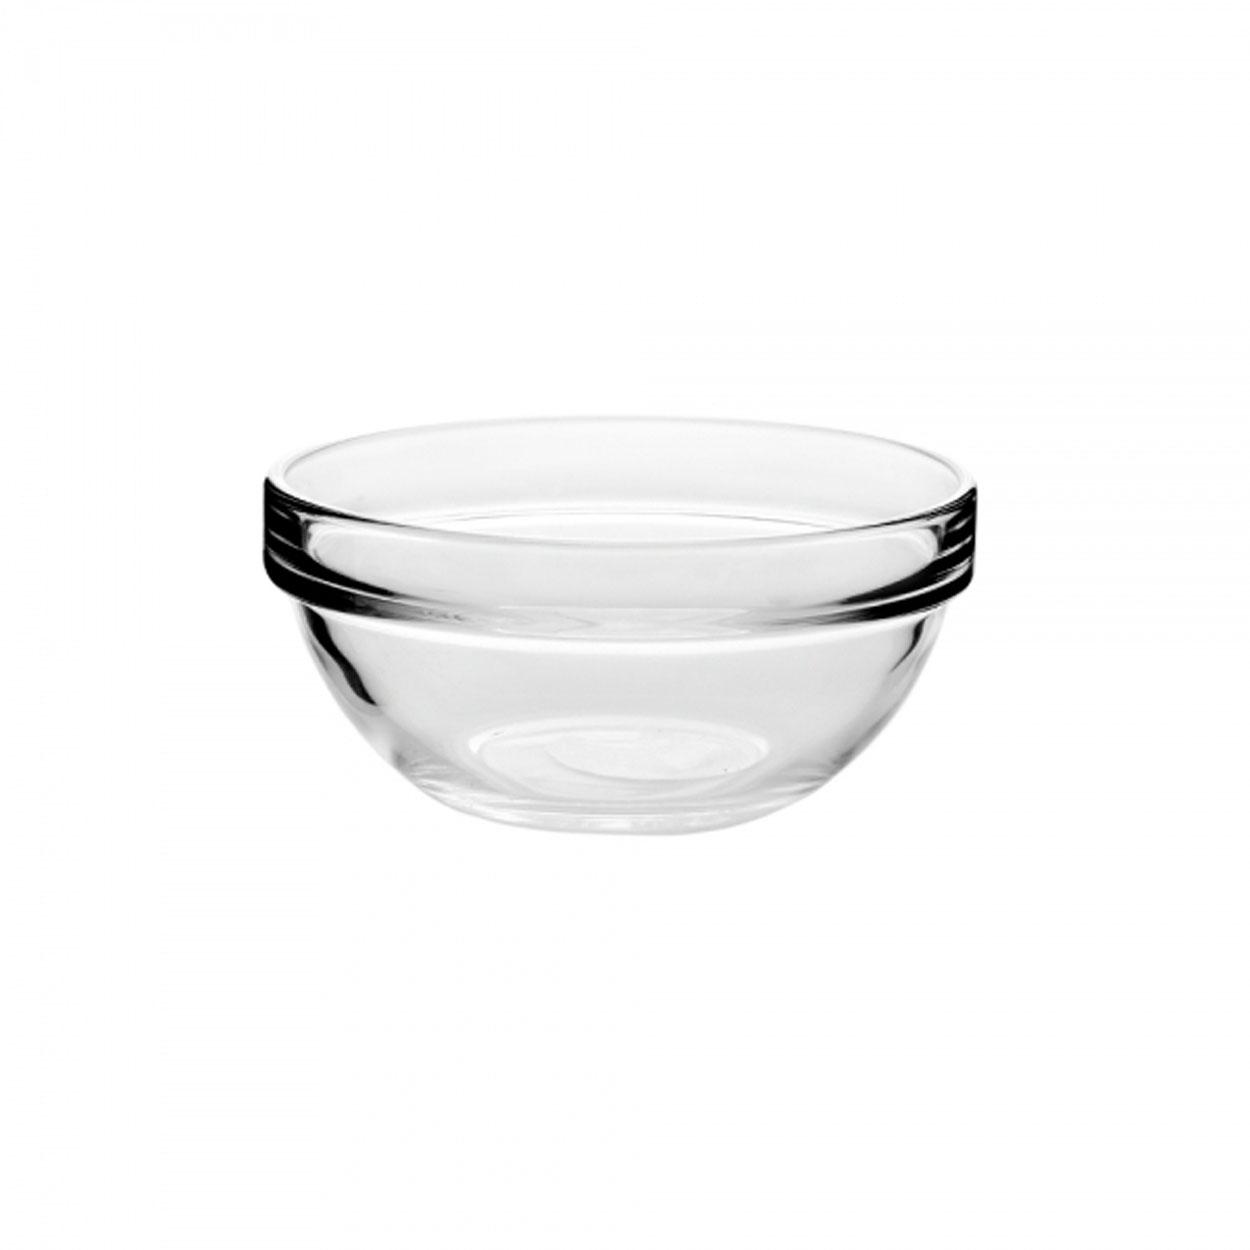 Салатник Luminarc Empilable, диаметр 12 смH9670Салатник Luminarc Empilable отлично подойдет для подачи салатов из свежих овощей и фруктов, насыщая каждого участника трапезы полезными витаминами. Простой и универсальный салатник на каждый день изготовлен из качественного стекла, безопасен при контакте с пищевыми продуктами, не выделяет вредных веществ. Можно мыть в посудомоечной машине и использовать в СВЧ. Диаметр салатника: 12 см. Высота салатника: 5,5 см.